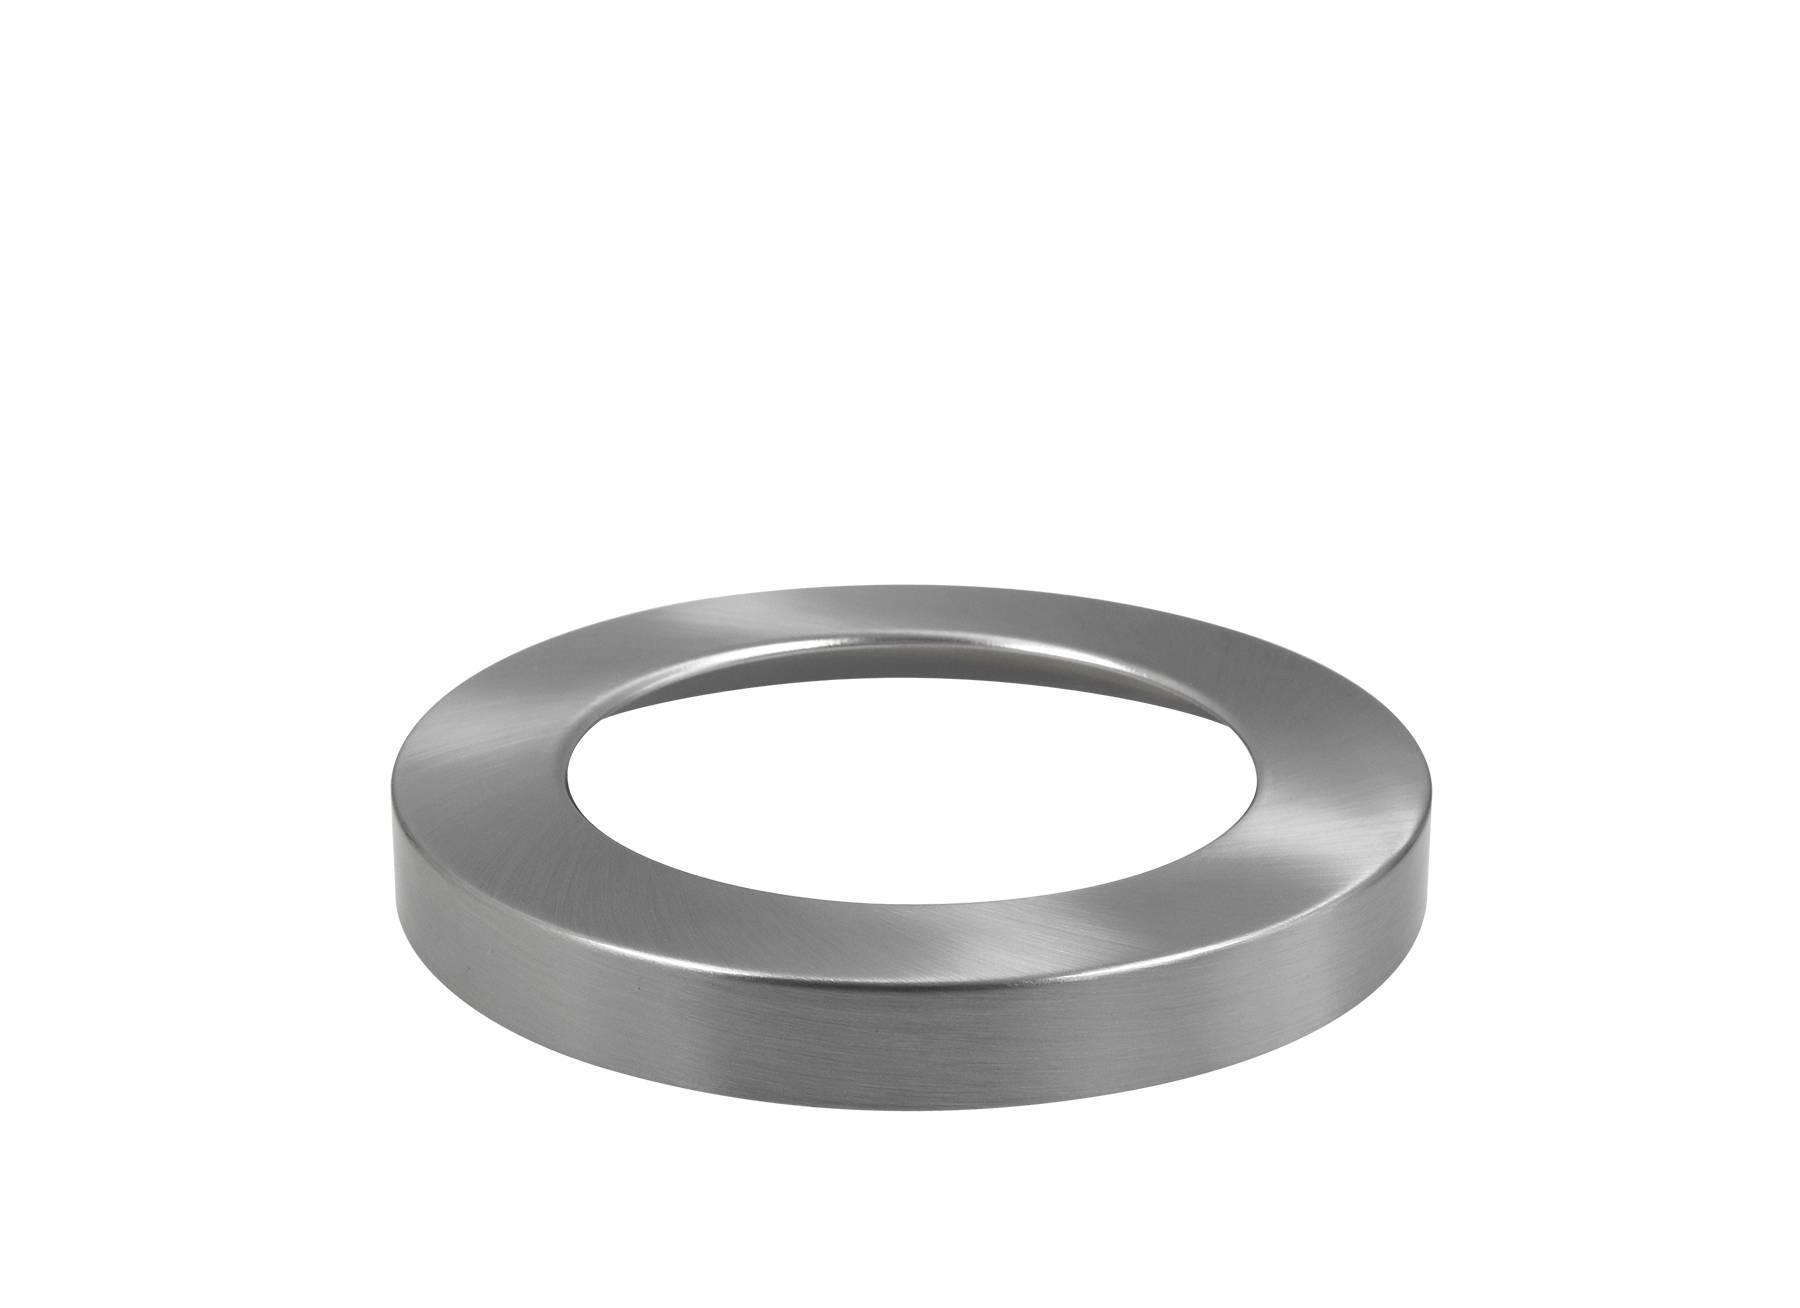 Abdeckring silber für Ein-Aufbaustrahler 24W Ø294mm